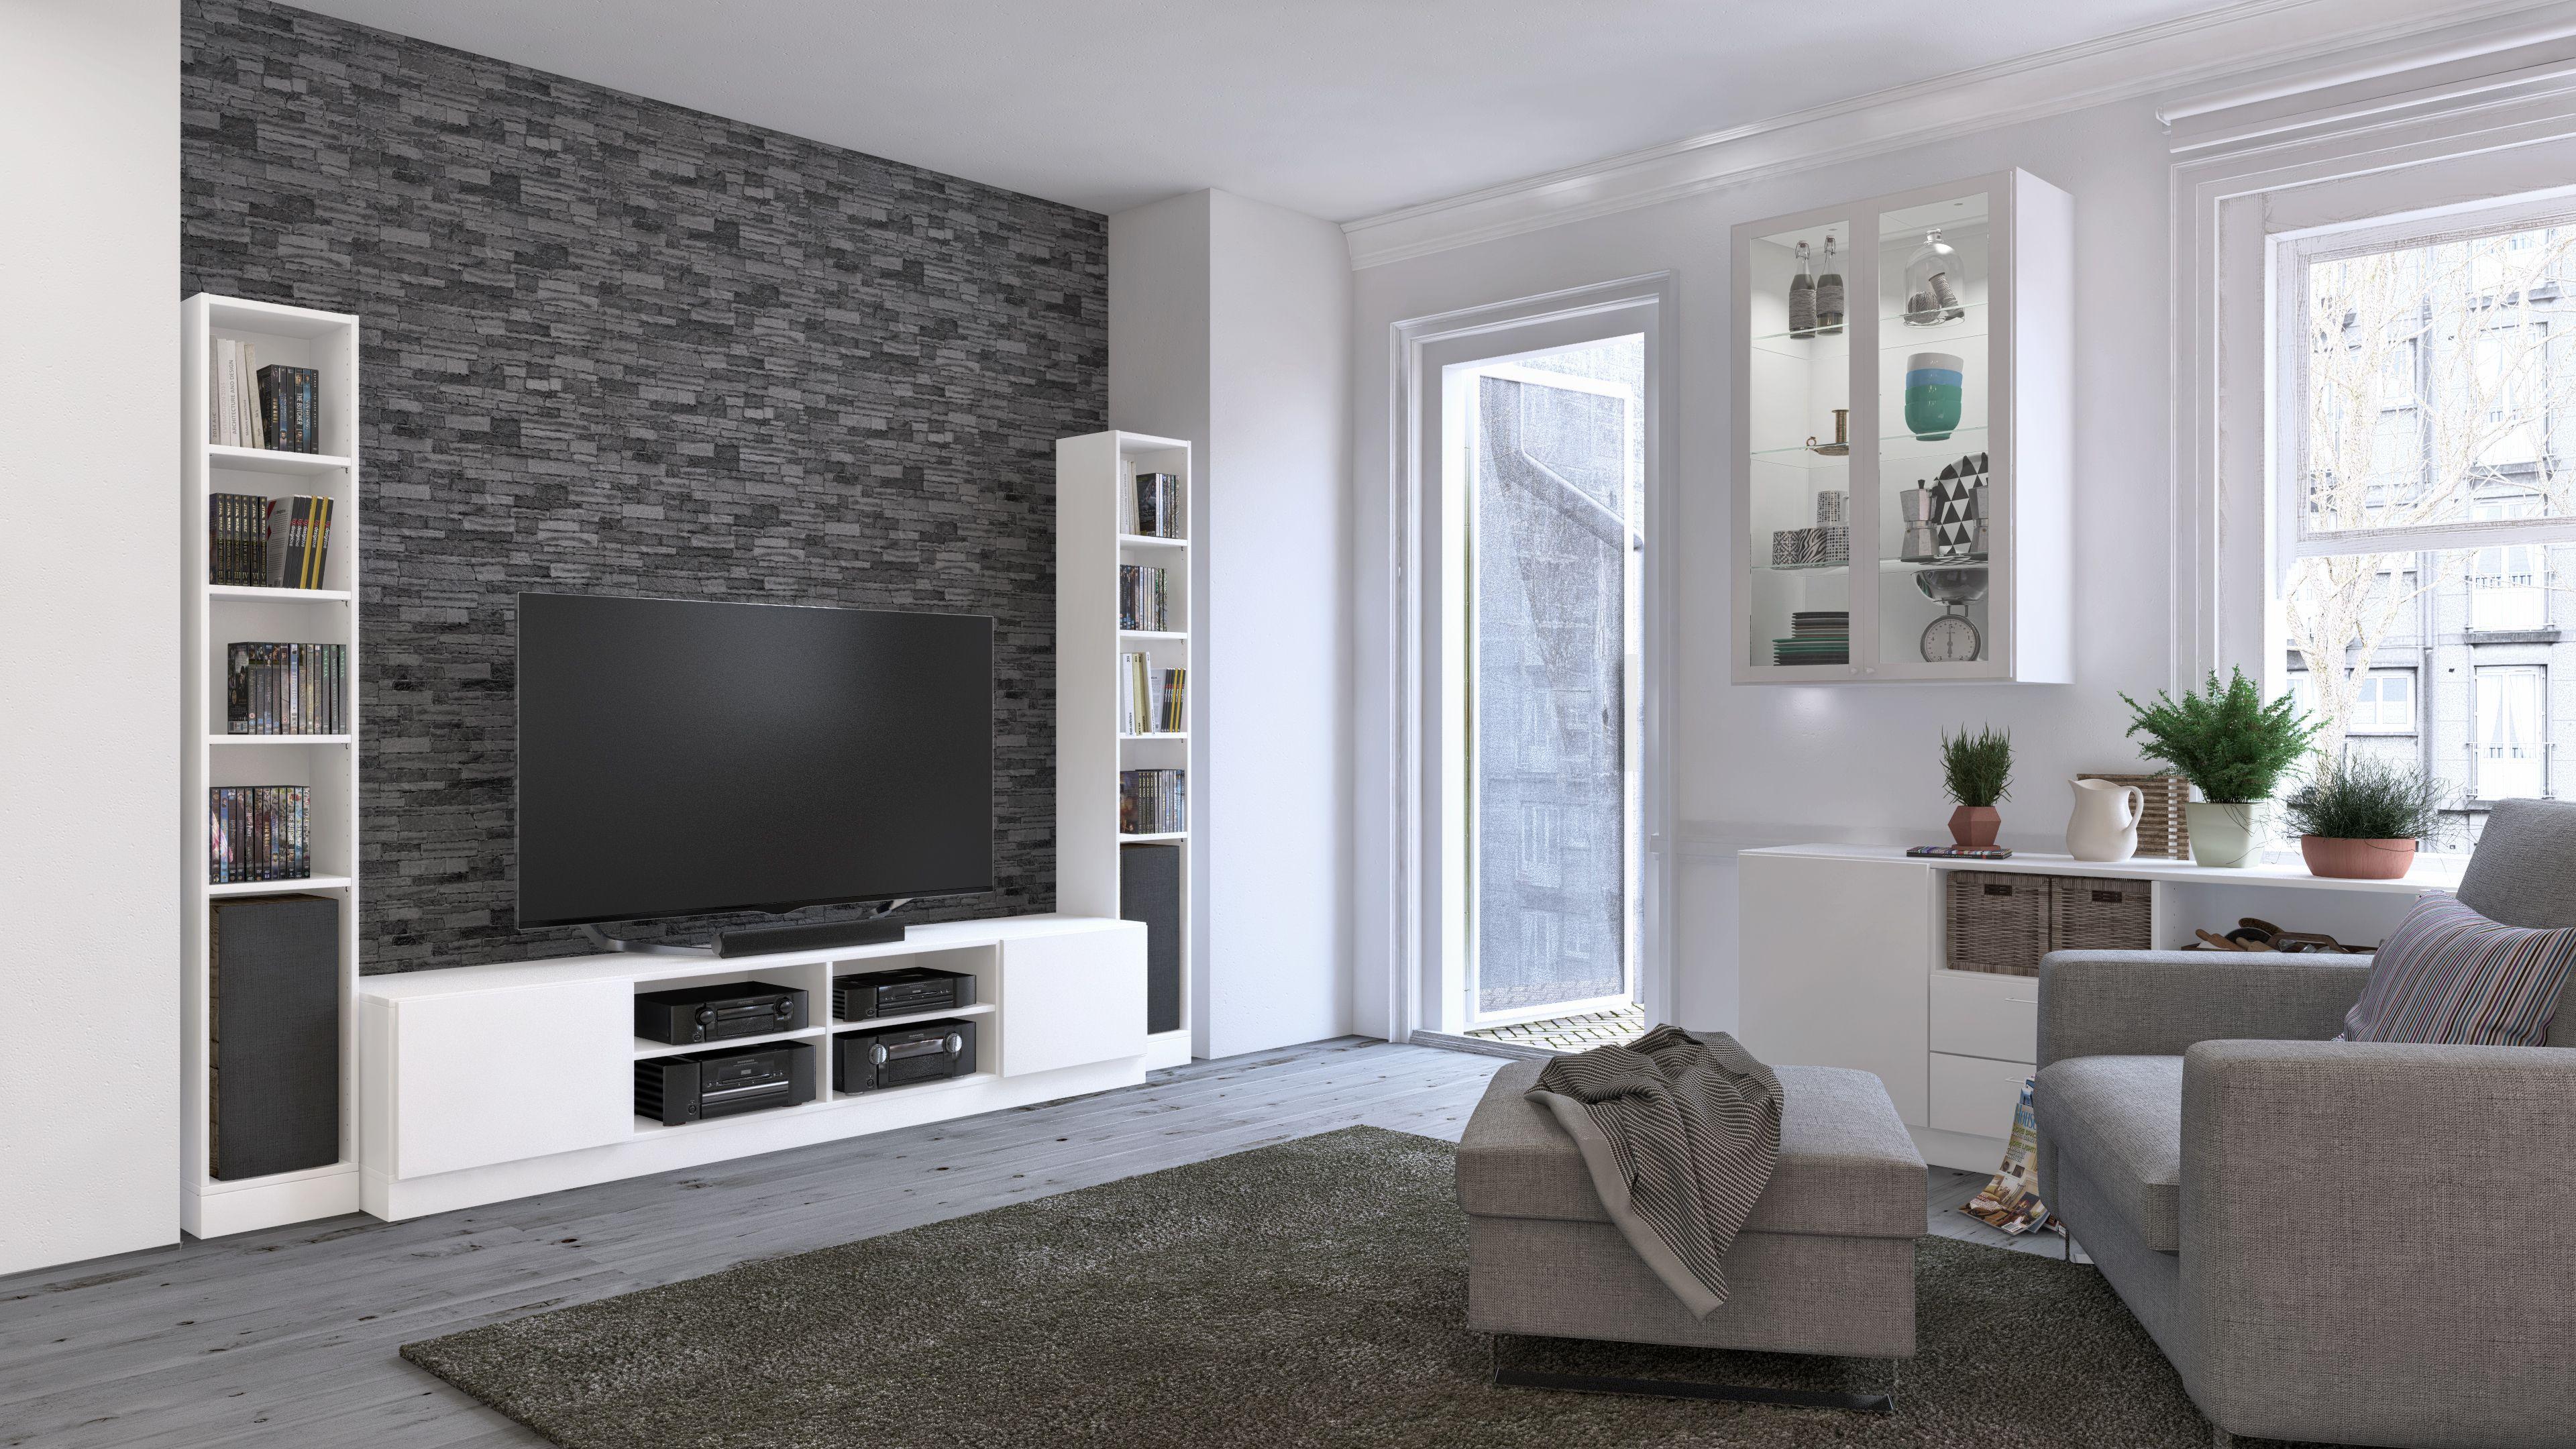 Schön Im Wohnzimmer Können Kommoden Vielfältig Eingesetzt Werden: Als TV  Möbel Oder Um Stauraum Zu